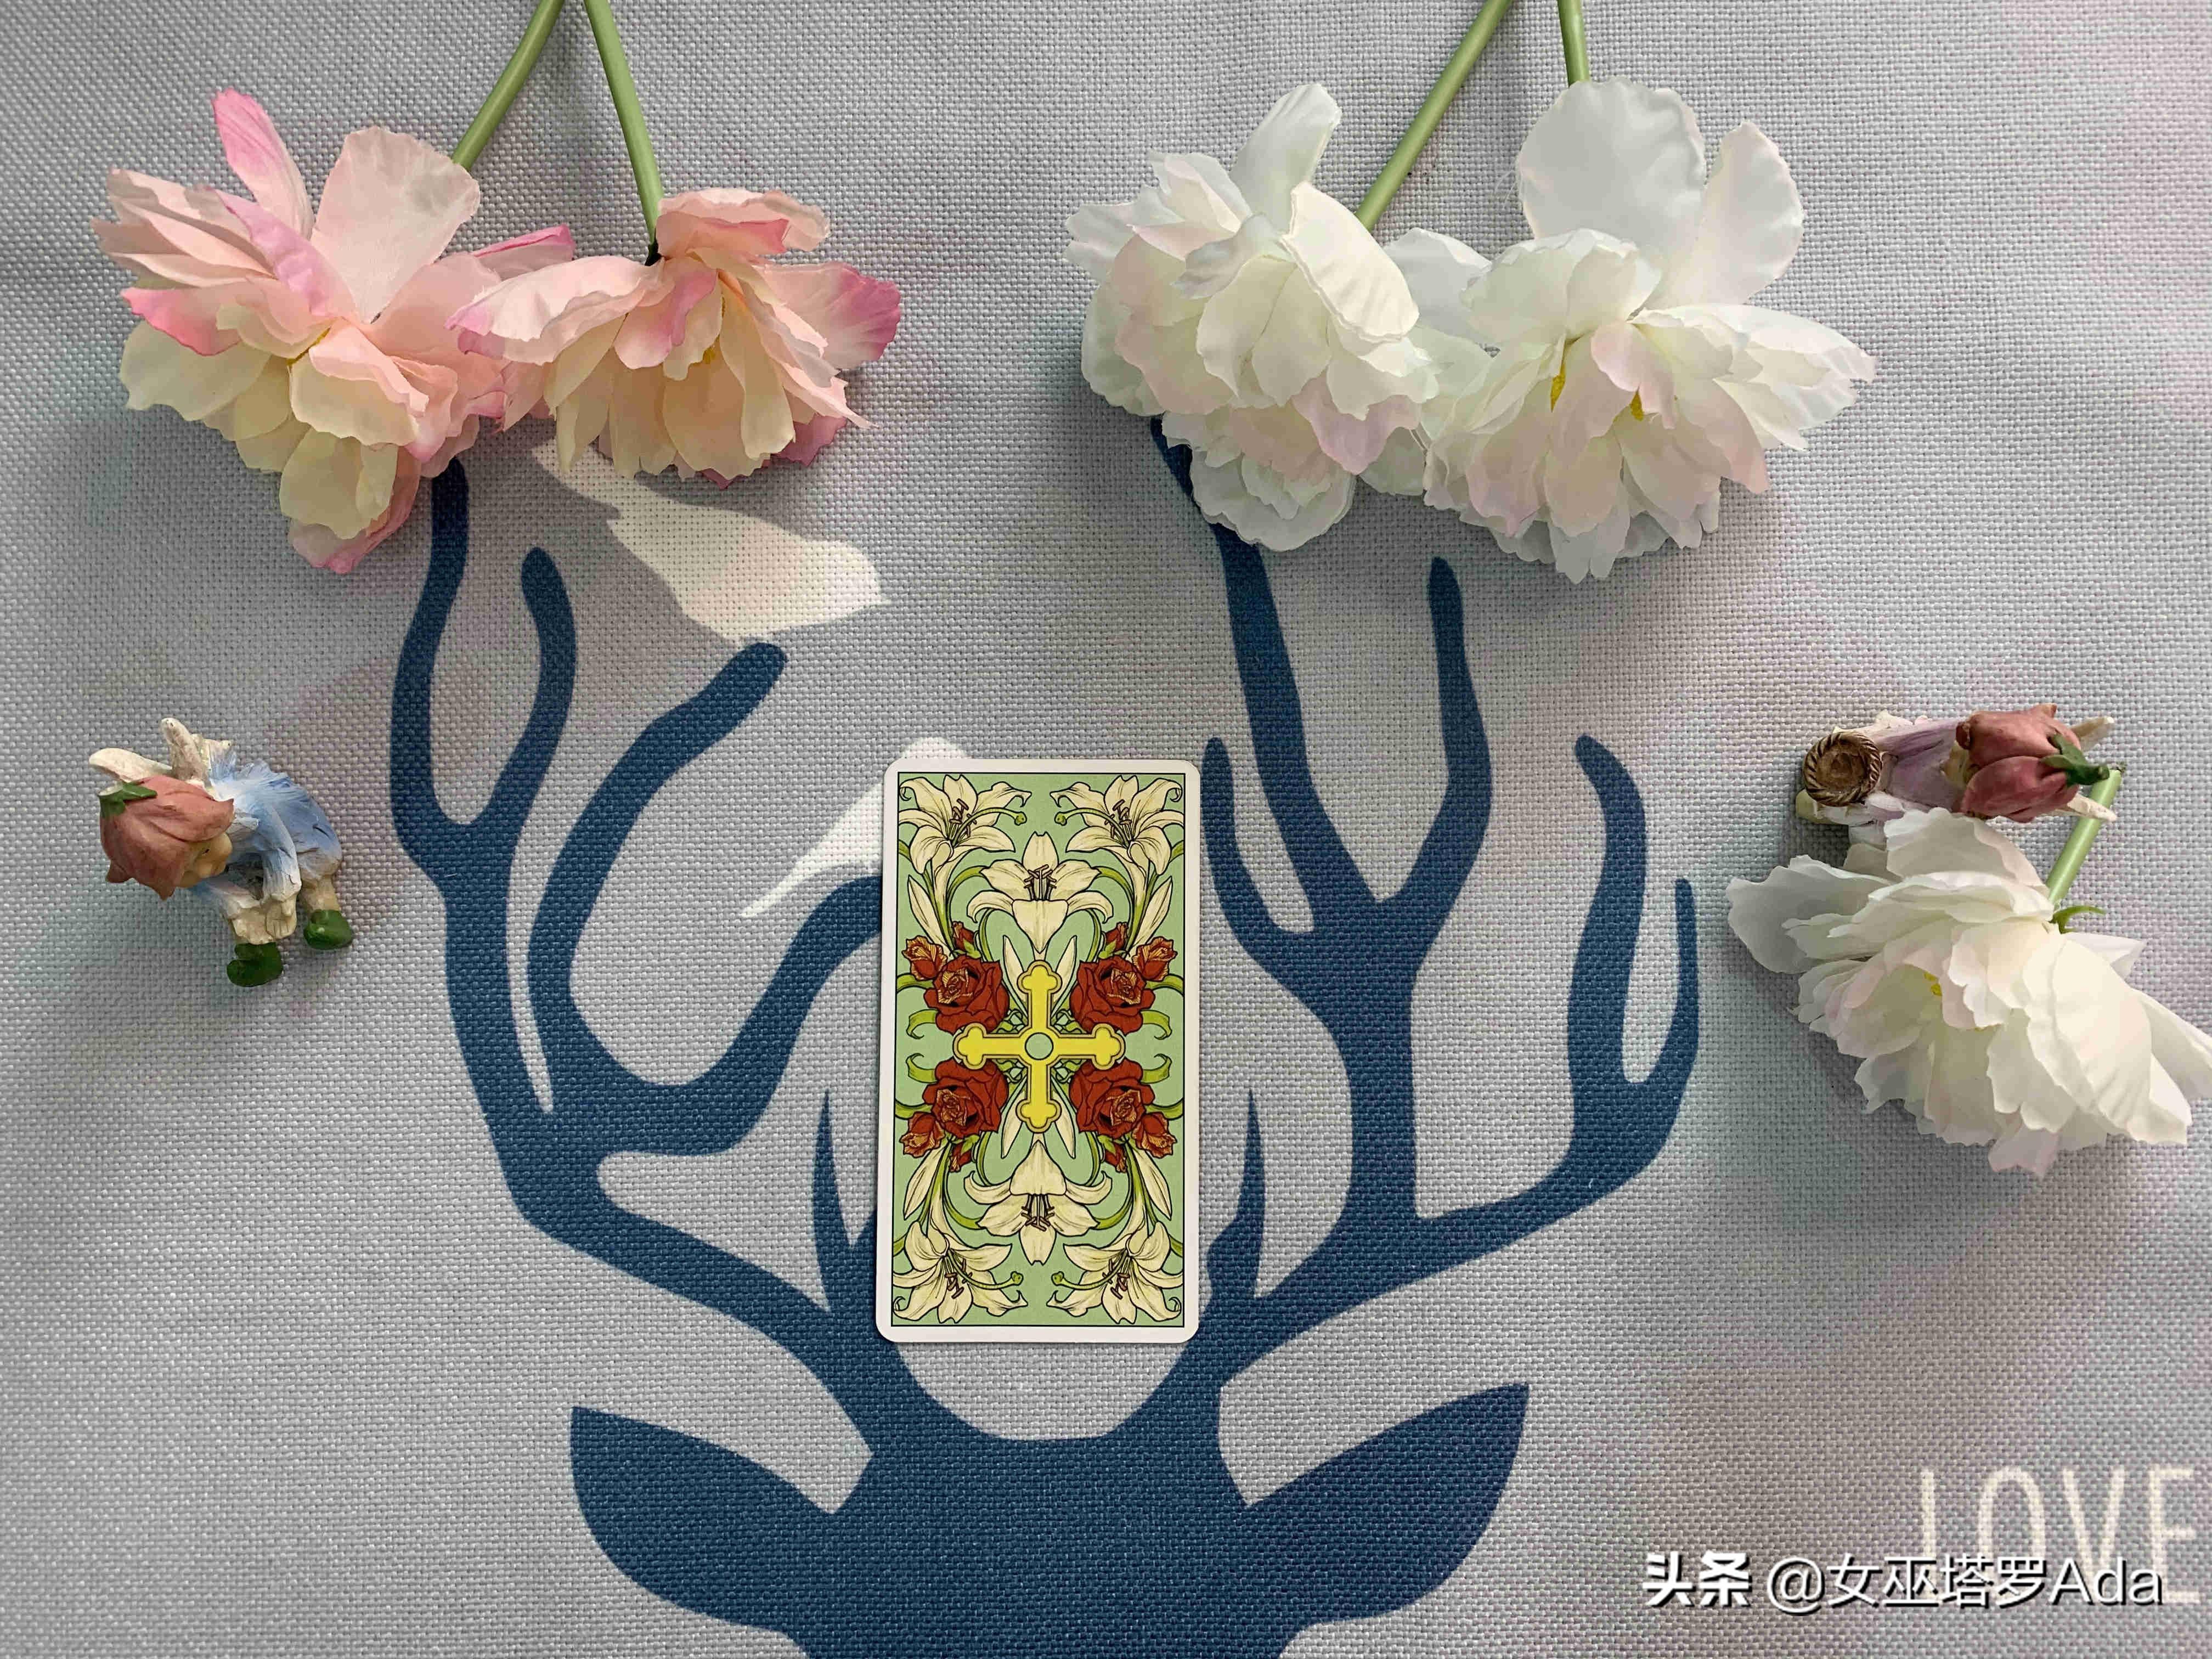 女巫塔罗,摩羯座周运势(11.9-11.15):关系太多阻碍